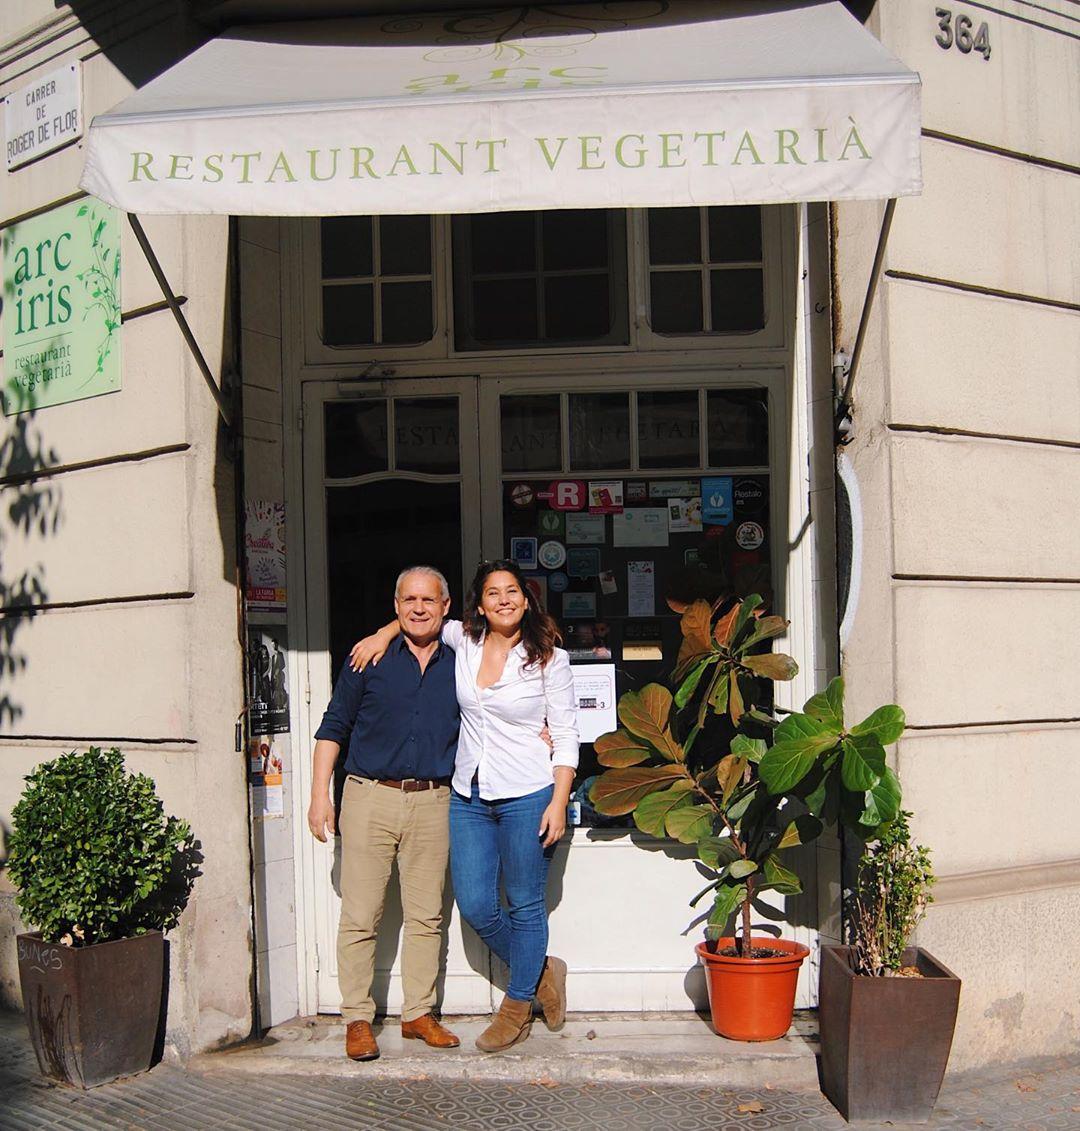 Arc Iris restaurant vegetarià